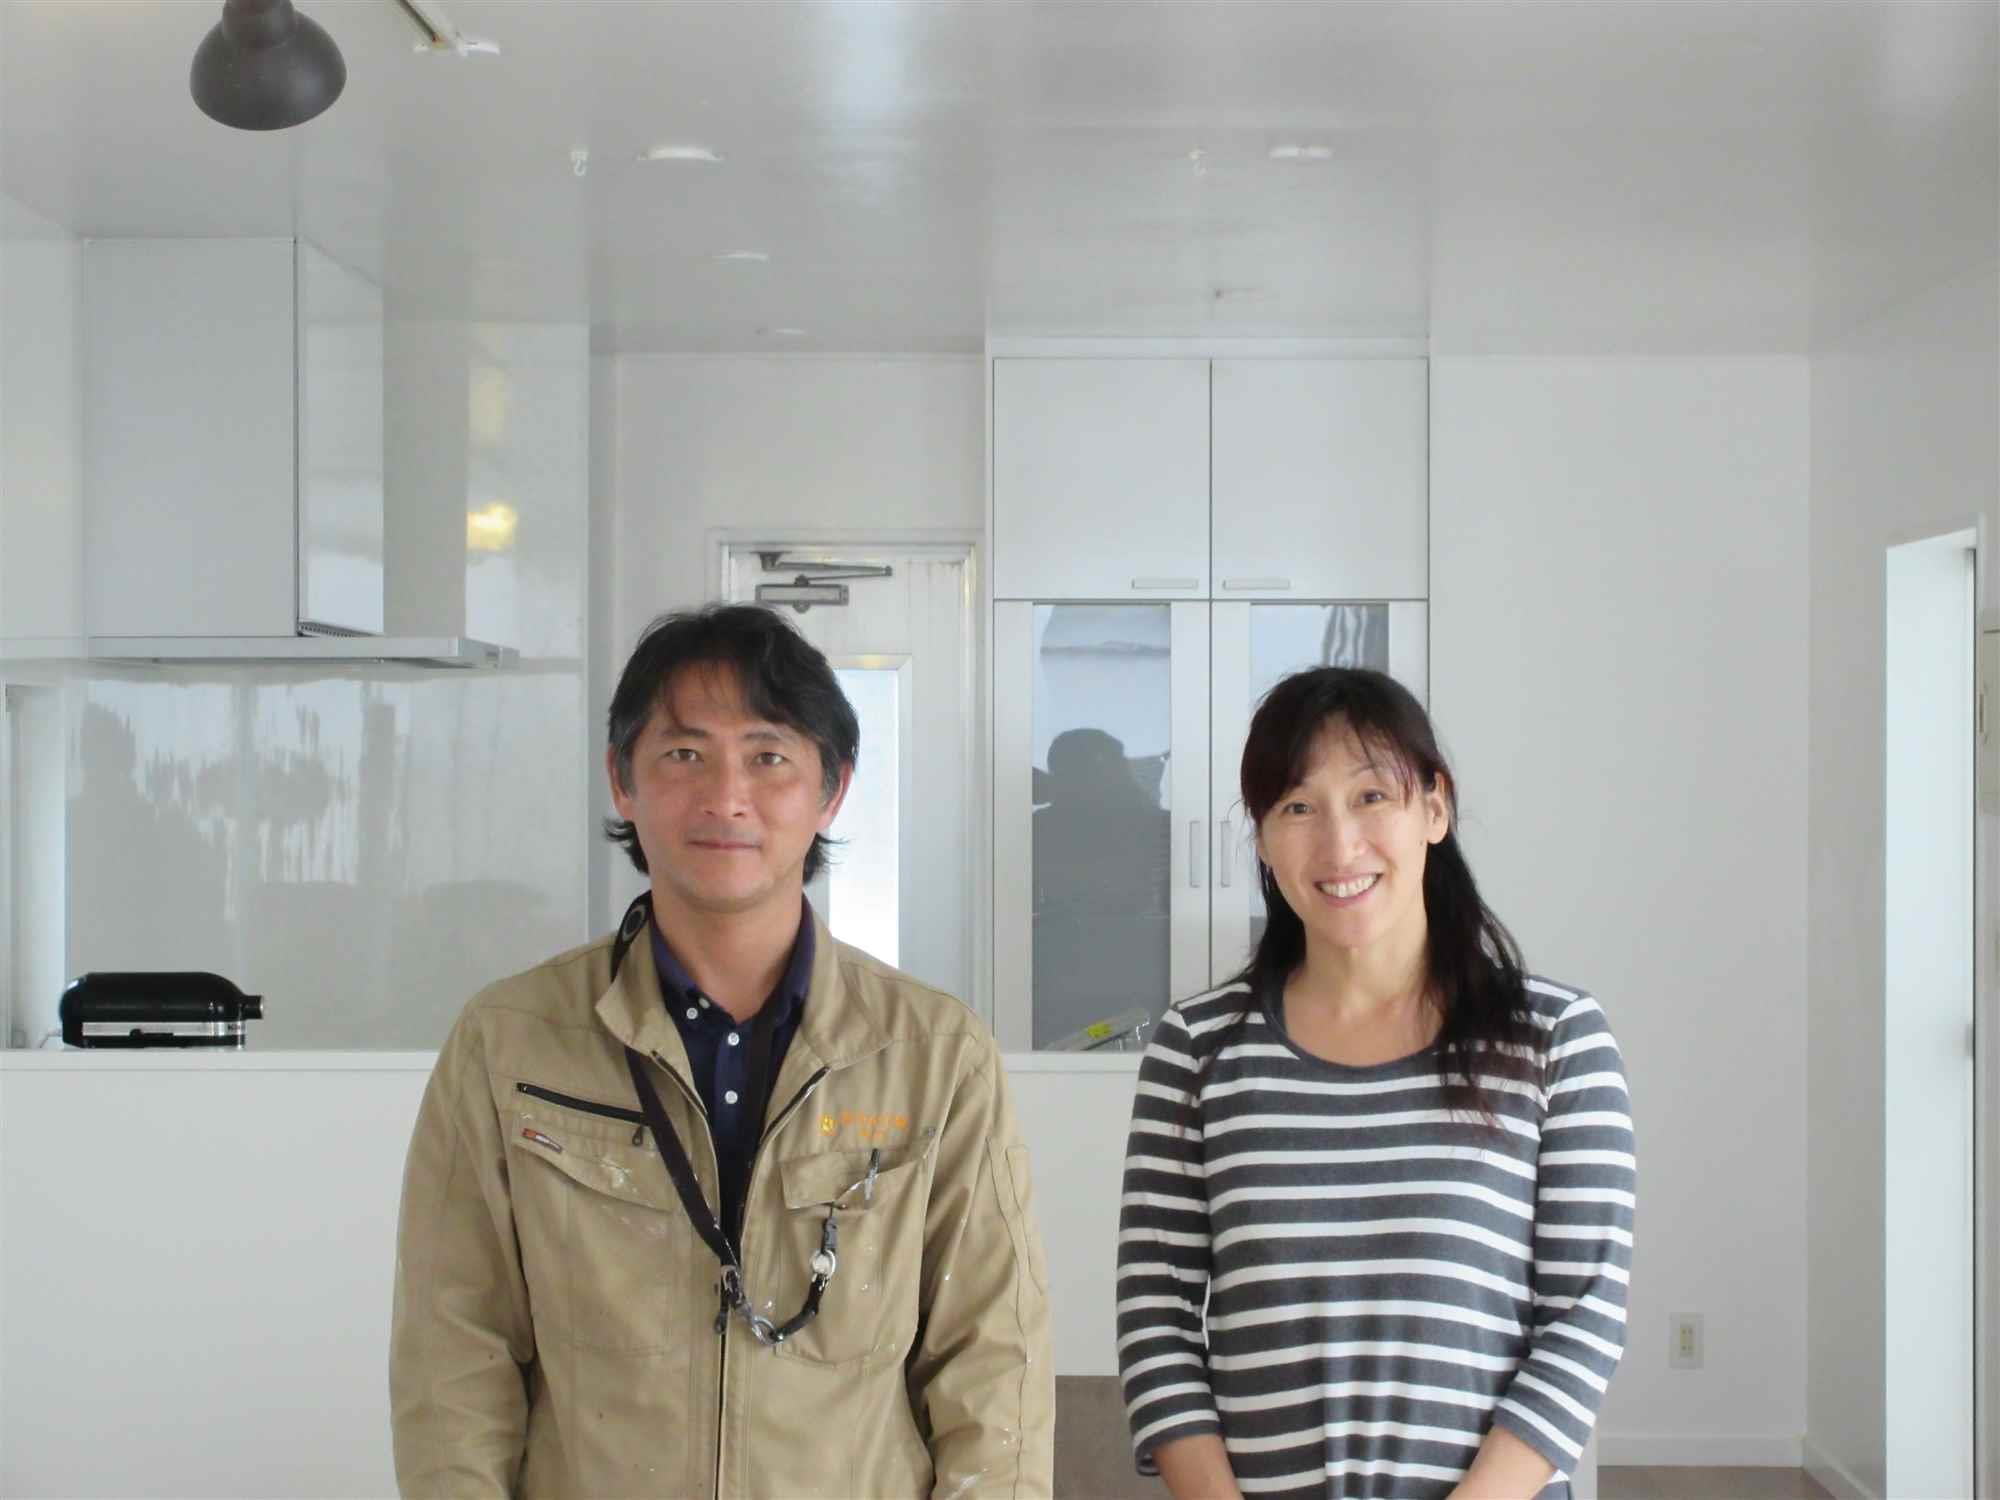 沖縄・那覇のリフォーム 実際のお客様の写真:大満足しています。